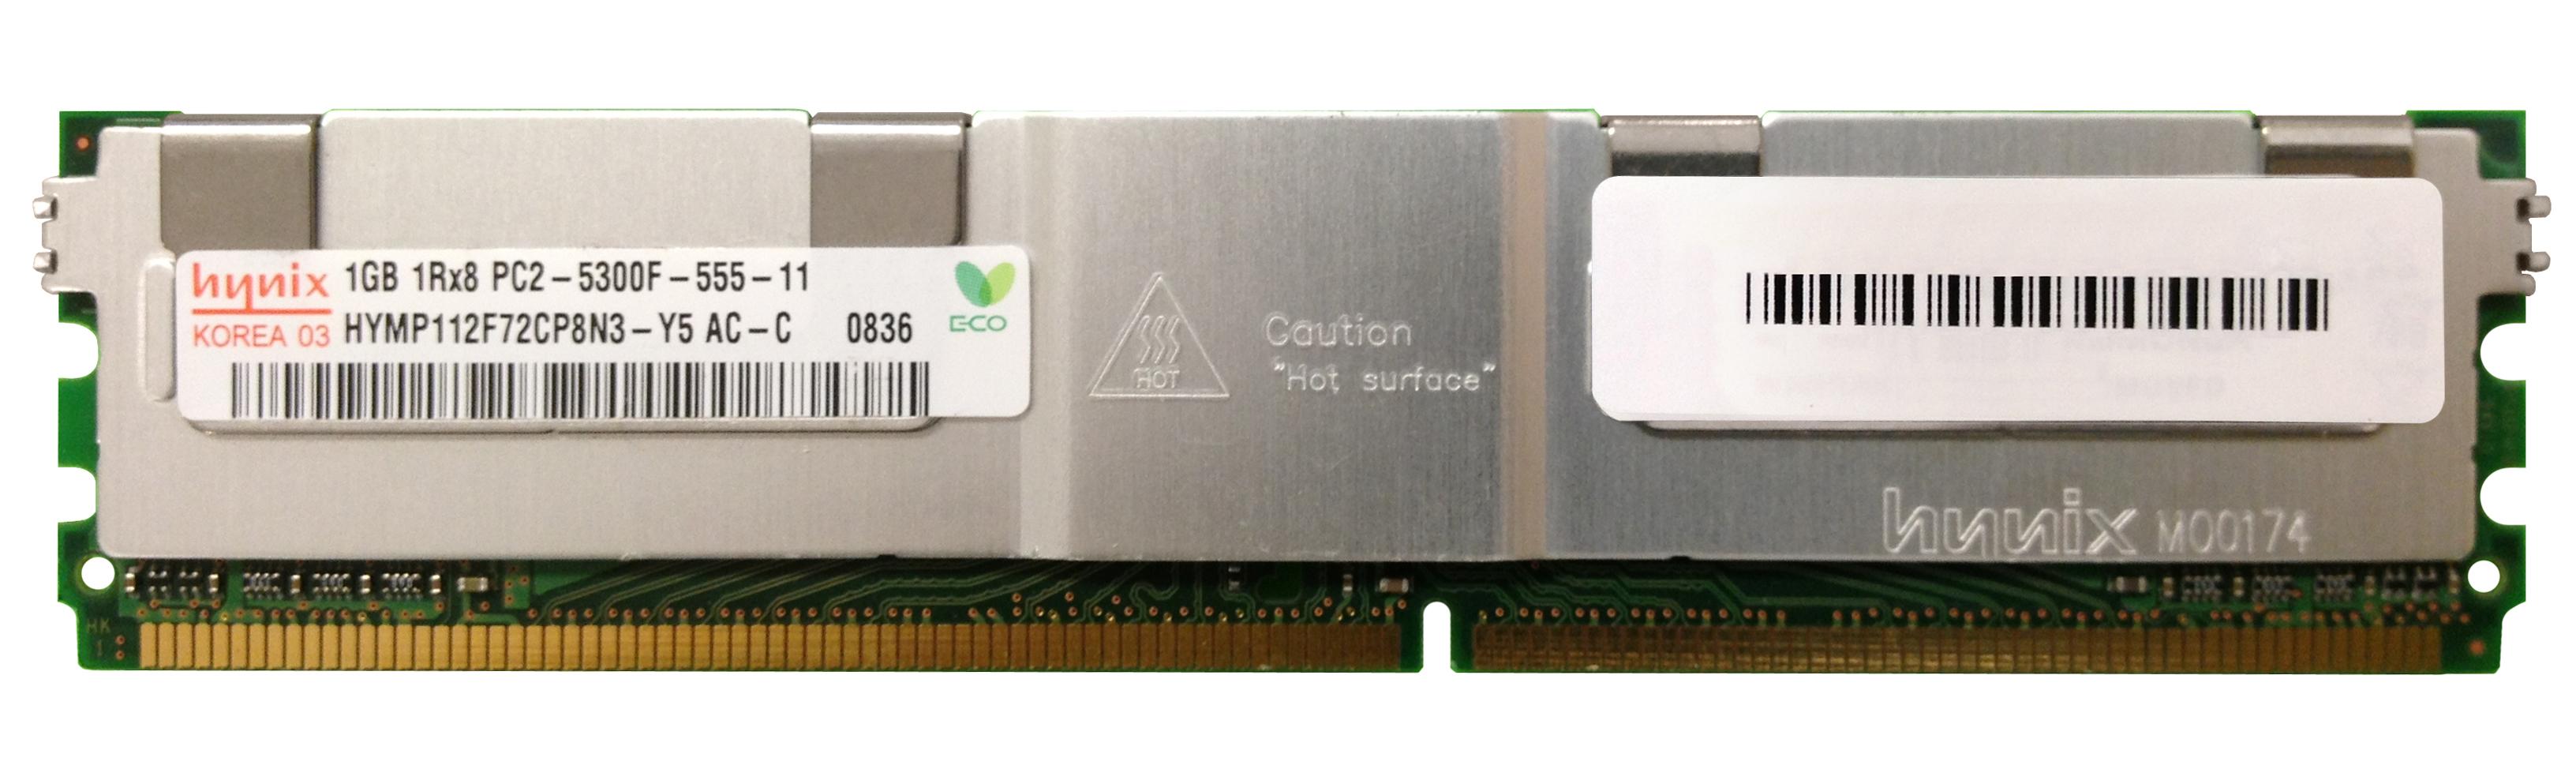 1GB 1Rx8 PC2 5300F 555